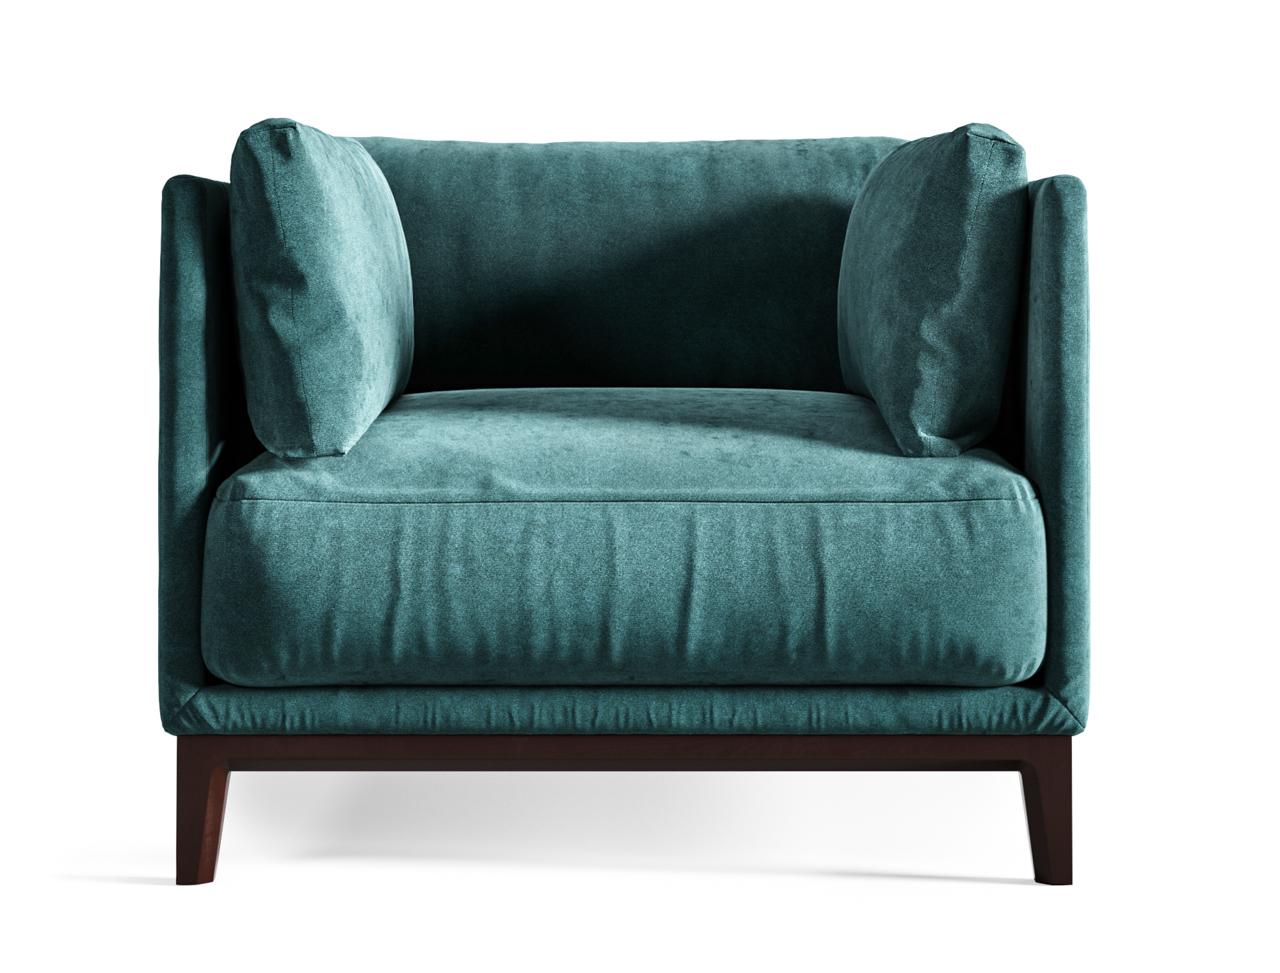 Кресло CaseИнтерьерные кресла<br>Кресло CASE подойдёт в любые интерьеры благодаря современному дизайну и эргономичному наполнителю. А также может стать отличным дополнением к дивану CASE.Объемные подушки из прорезиненного пенополиуретана нескольких степеней жесткости вместе с удобной глубокой посадкой создают необычайно комфортную зону отдыха и легко восстанавливают форму. Все чехлы съемные, их легко стирать. Кресло CASE доступно к заказу в нескольких категориях ткани и с 6 вариантами тонировки ножек.Материал: Массив березы, фанера, обивка - ткань, прорезиненный пенополиуретан, холлофайбер, пух-перо